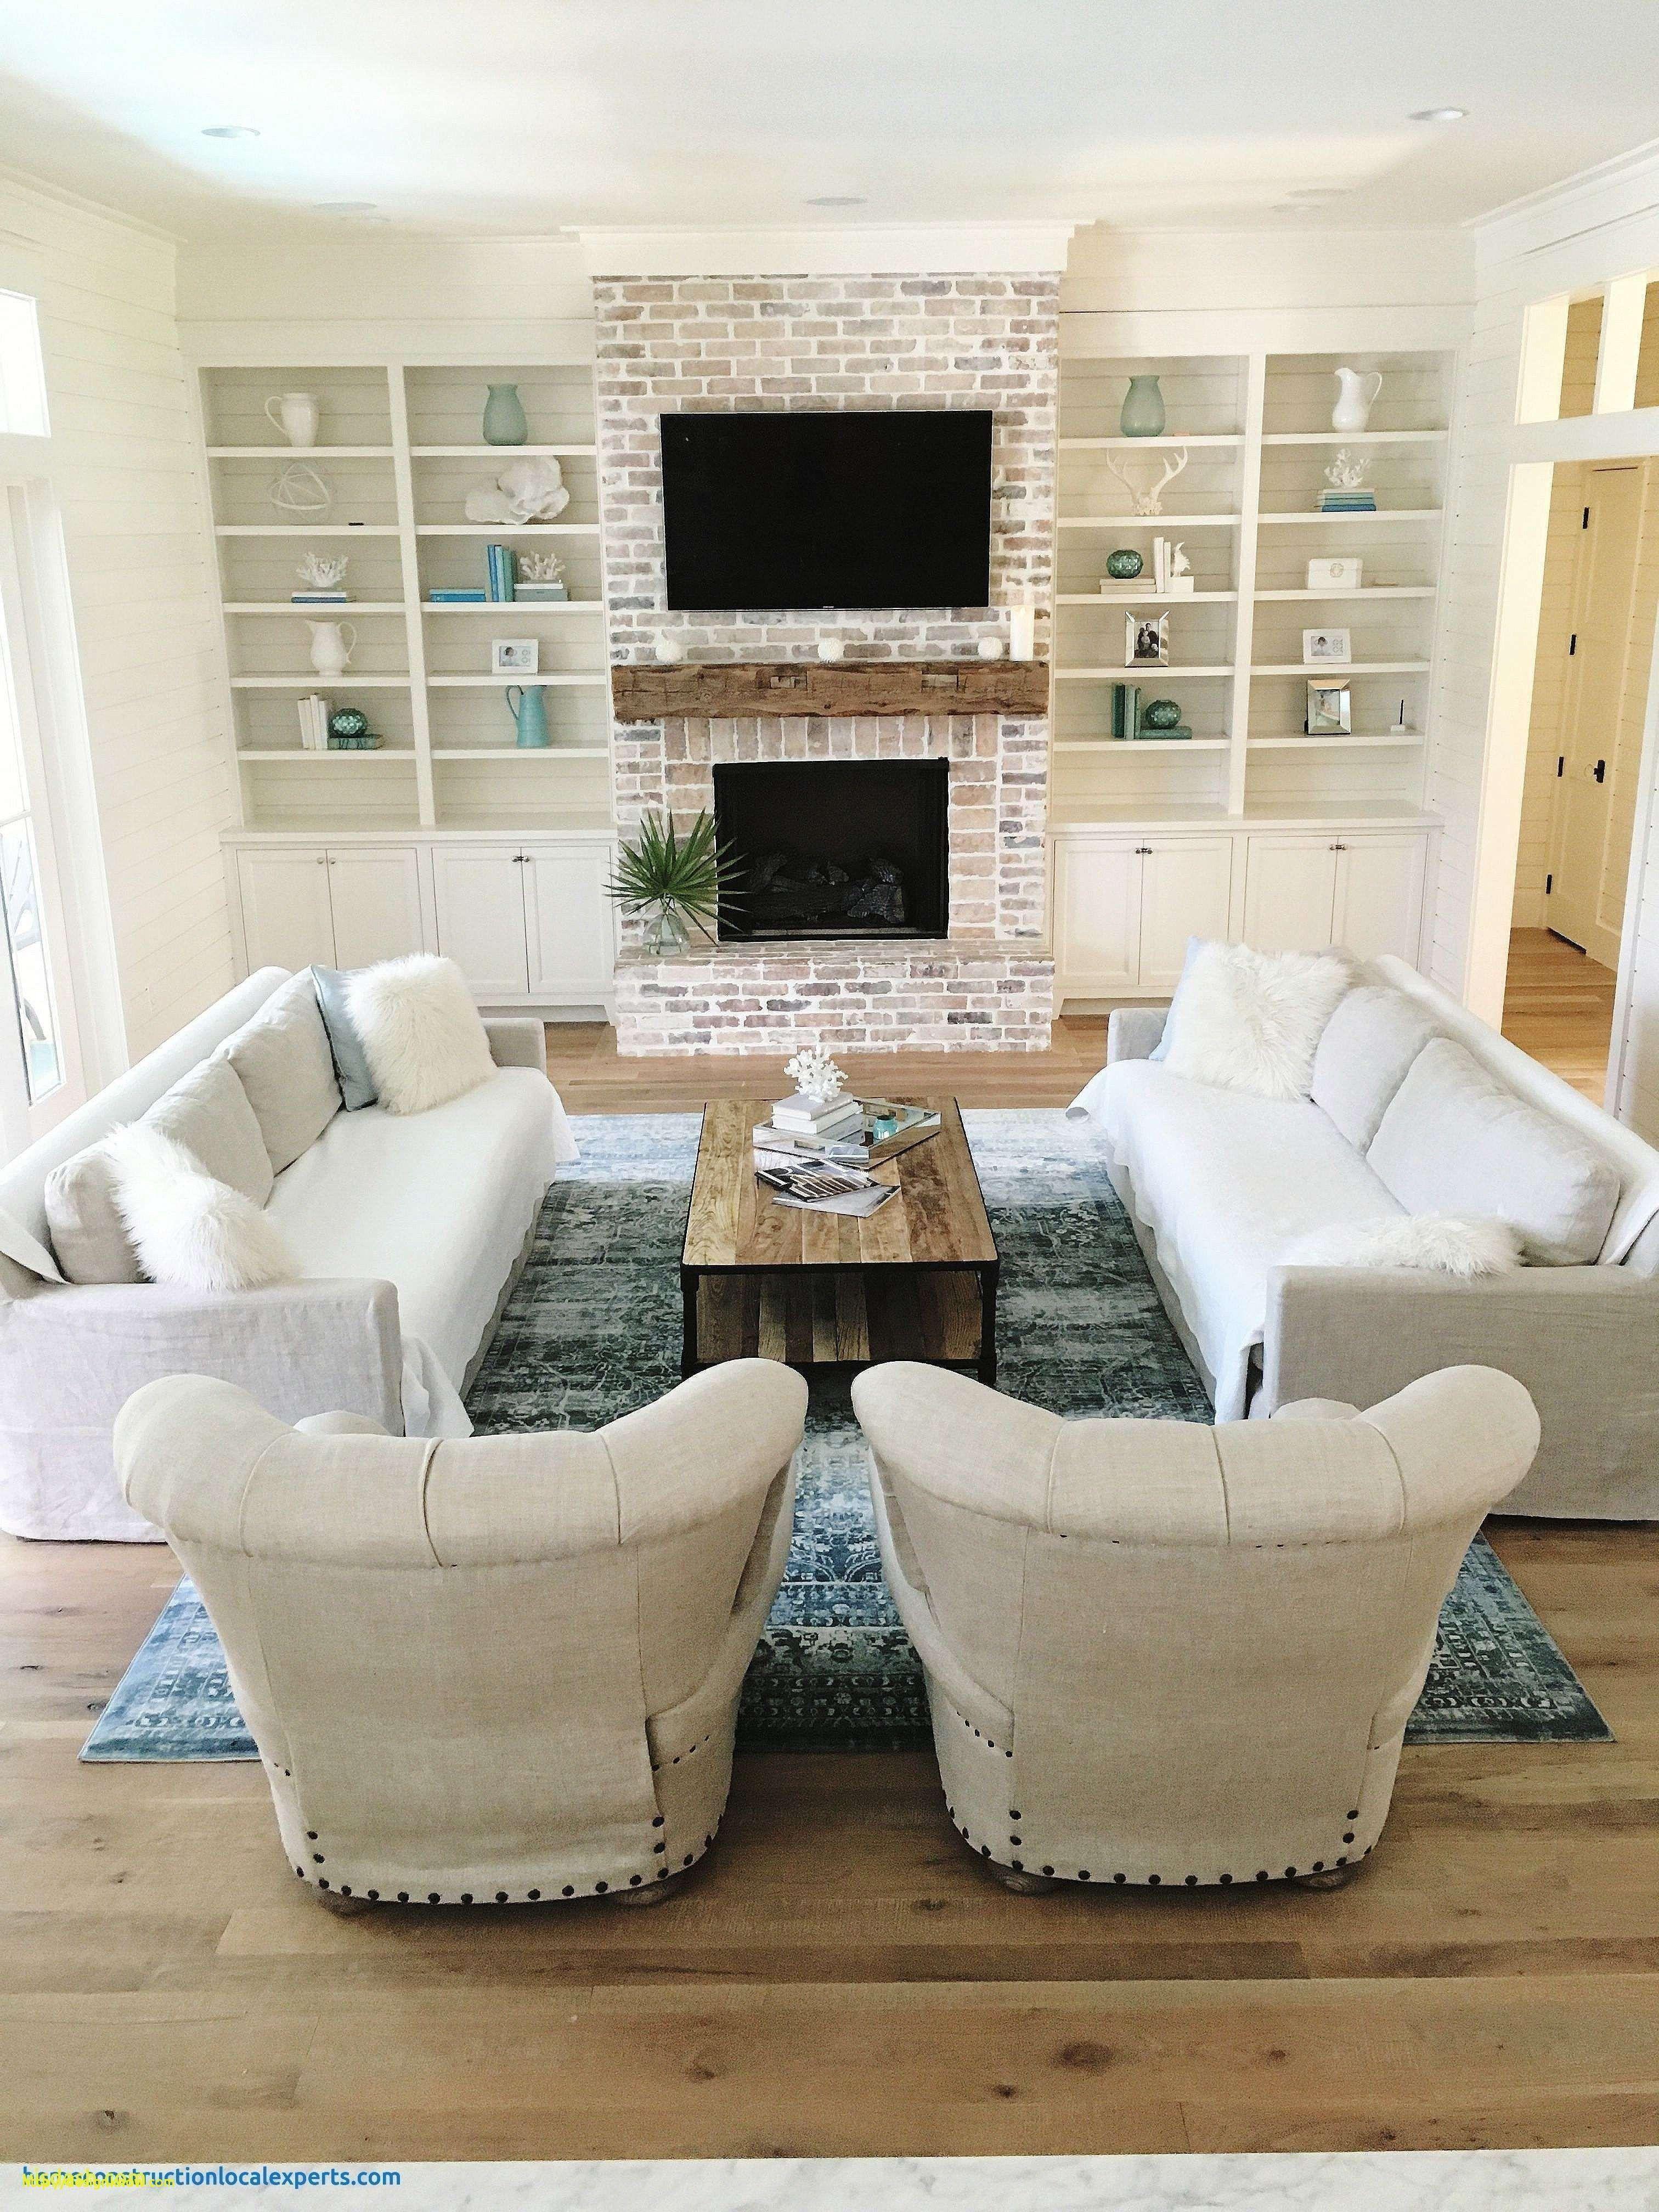 17 900 Sq Ft House Interior Design Fresh Interior Design ...